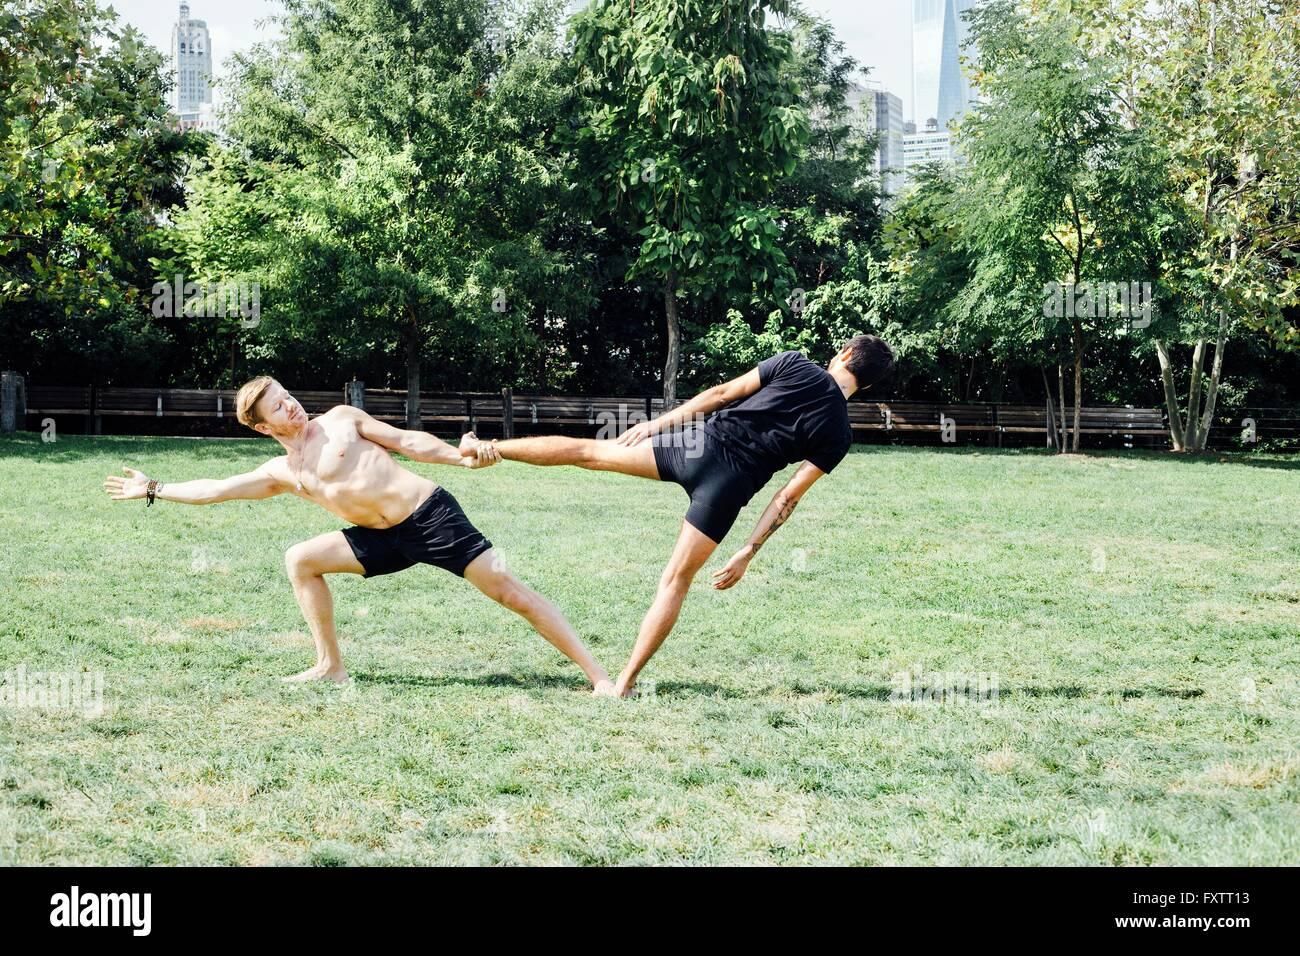 Dos hombres se inclina lateralmente en el yoga de pie en posición de espera park Foto de stock